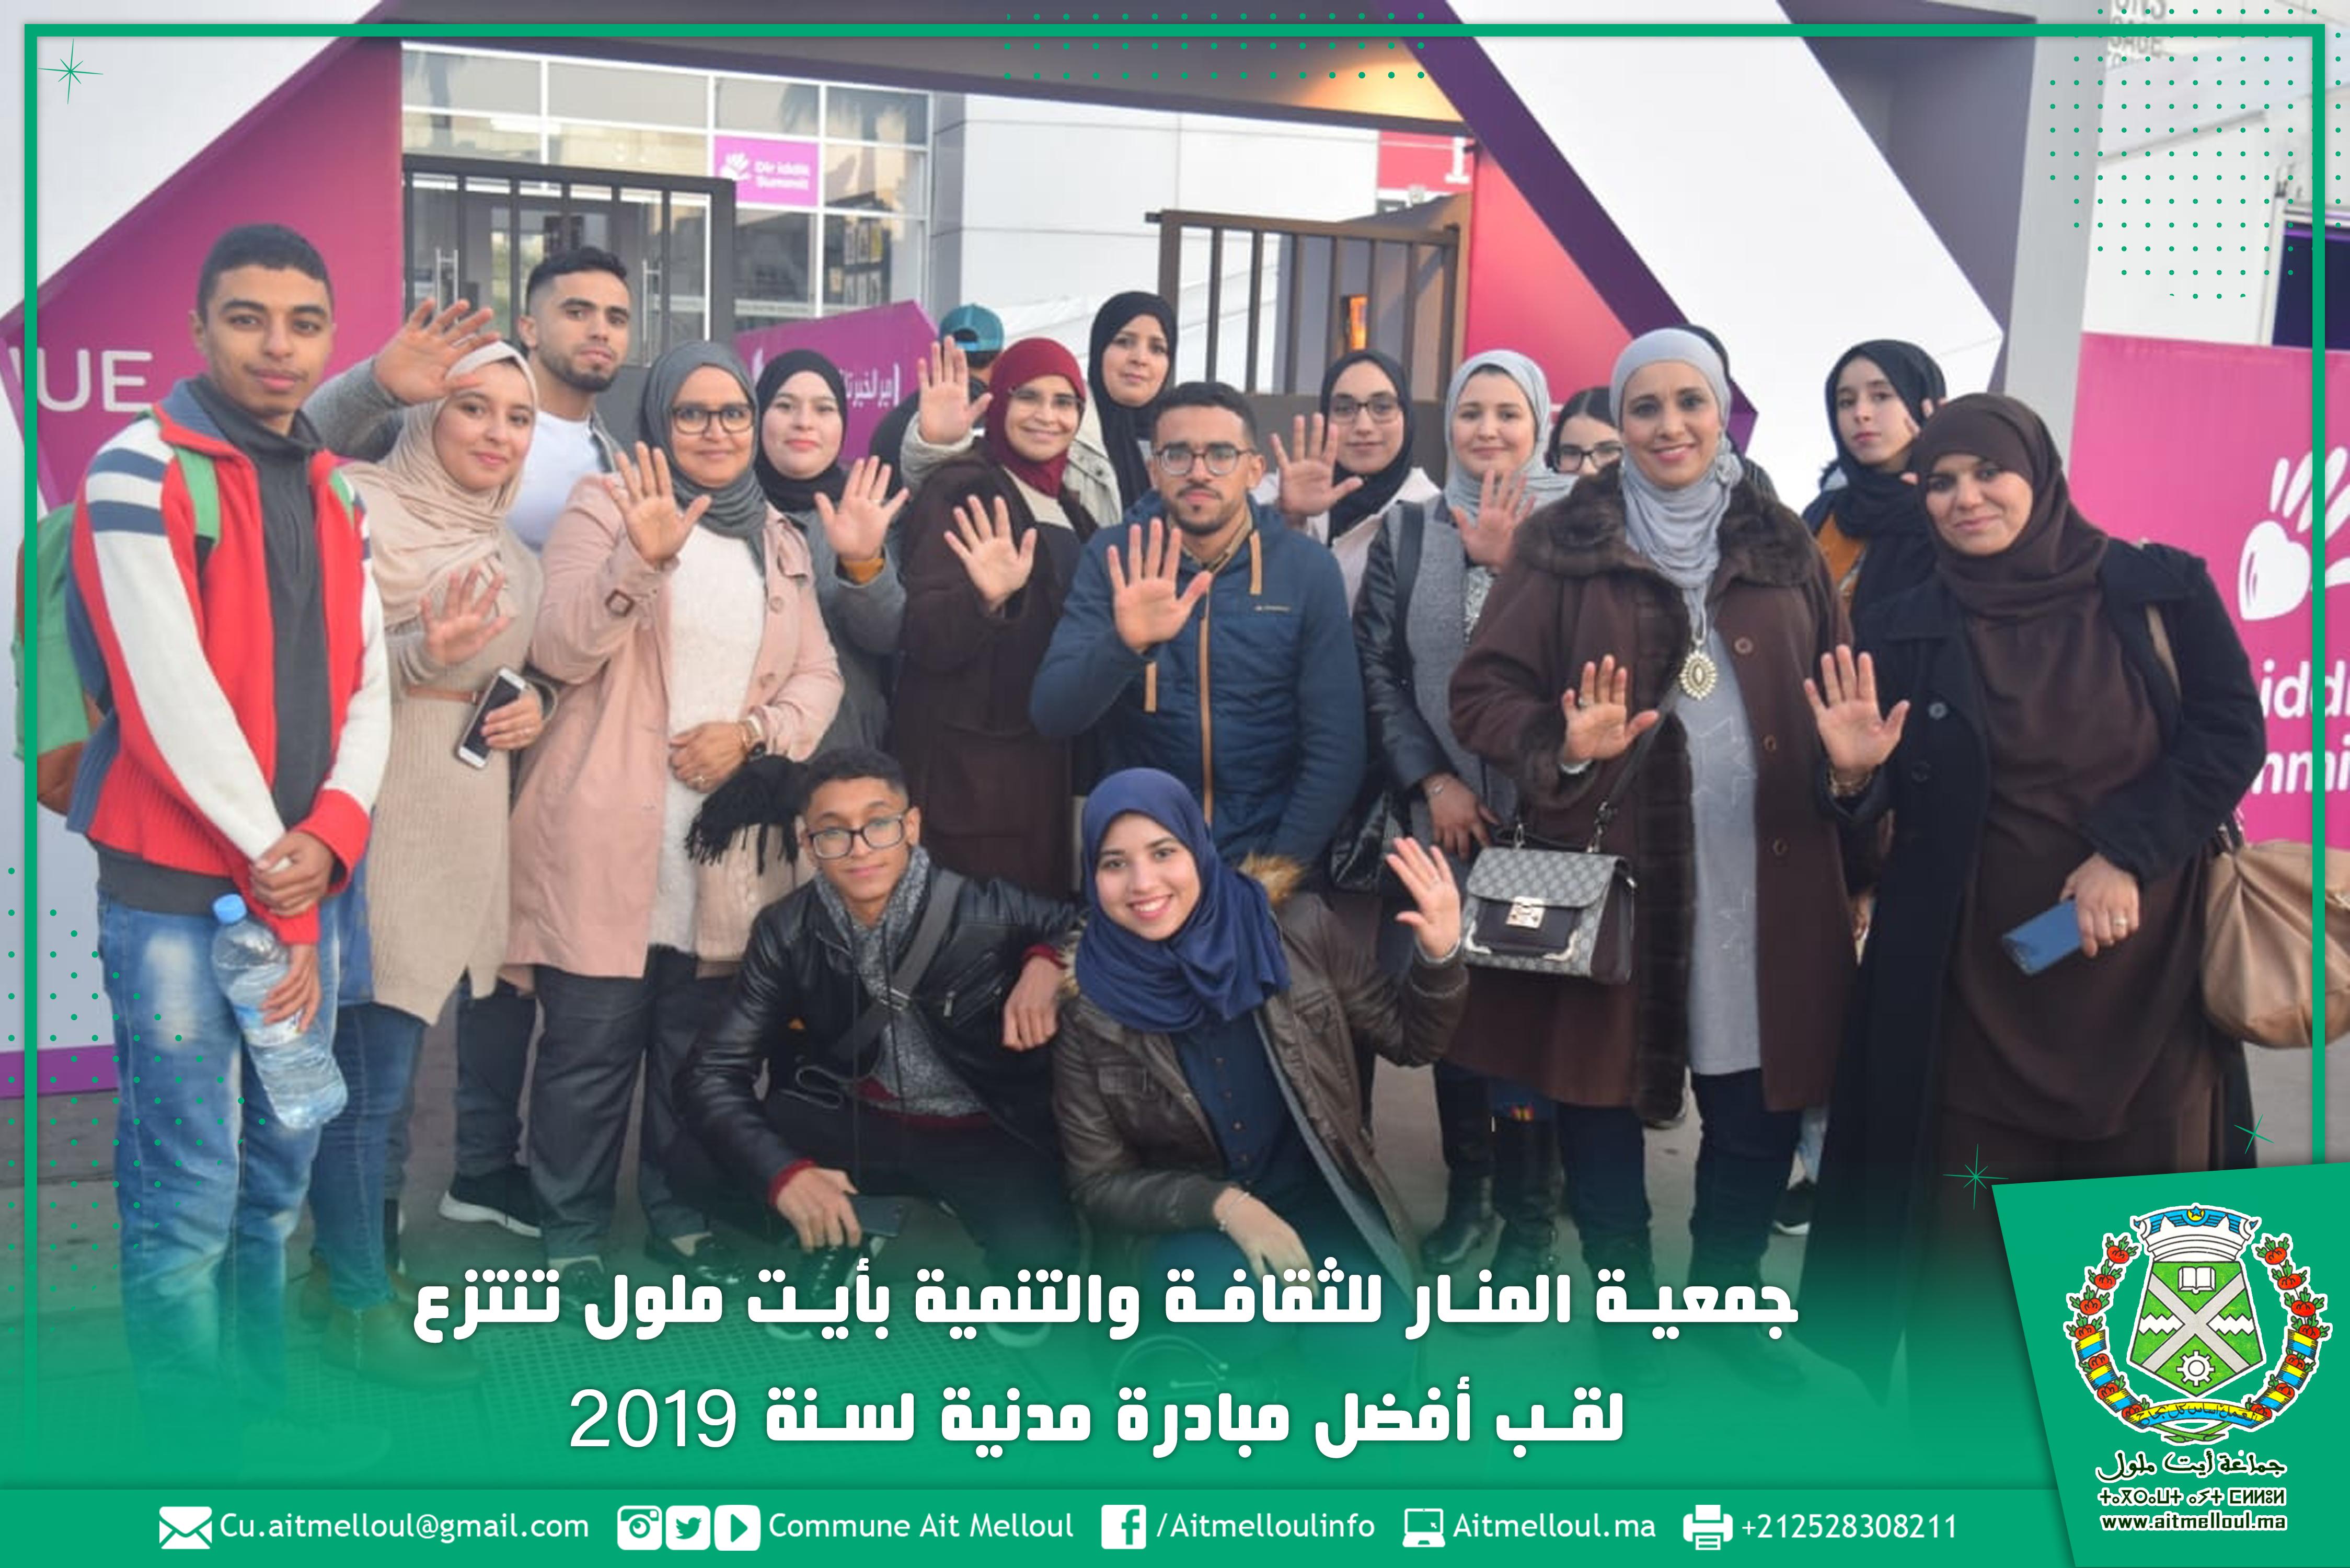 جمعية المنار بأيت ملول تنتزع لقب أفضل مبادرة مدنية لسنة 2019